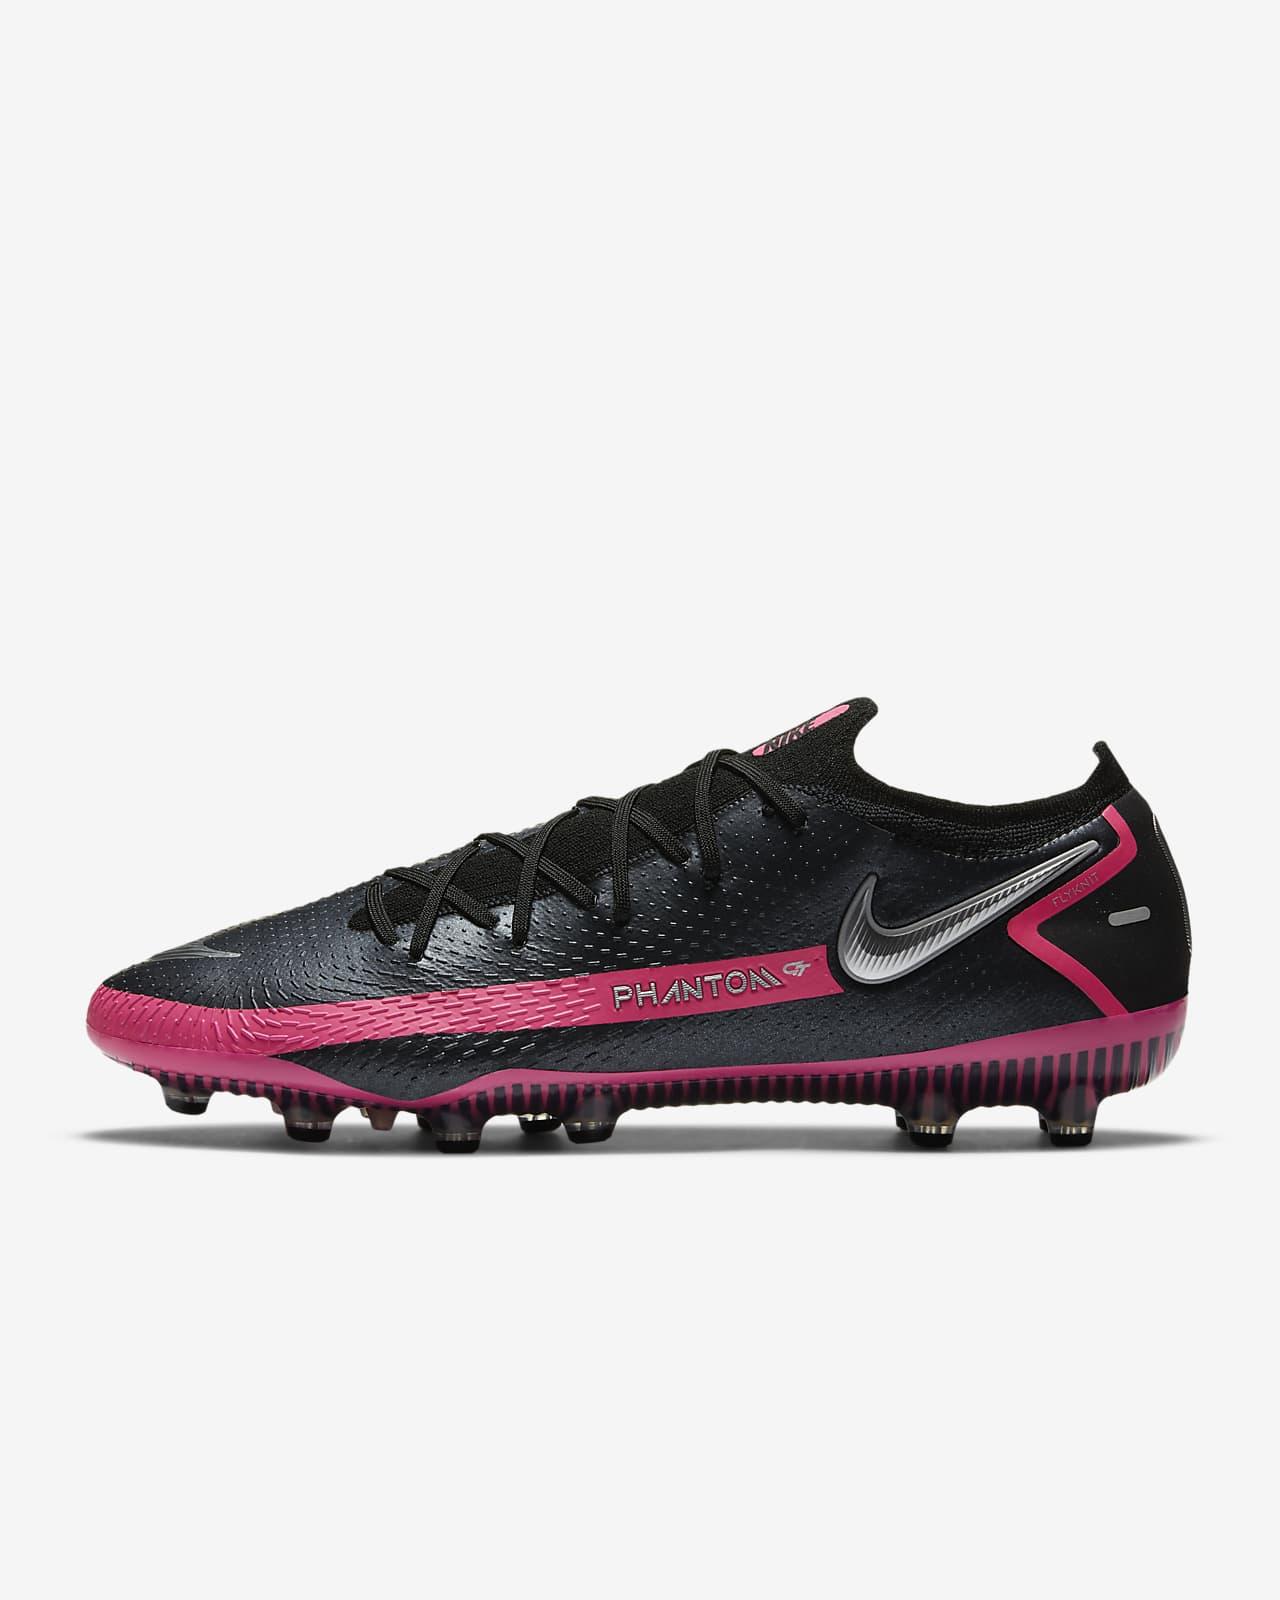 Футбольные бутсы для игры на искусственном газоне Nike Phantom GT Elite AG-Pro